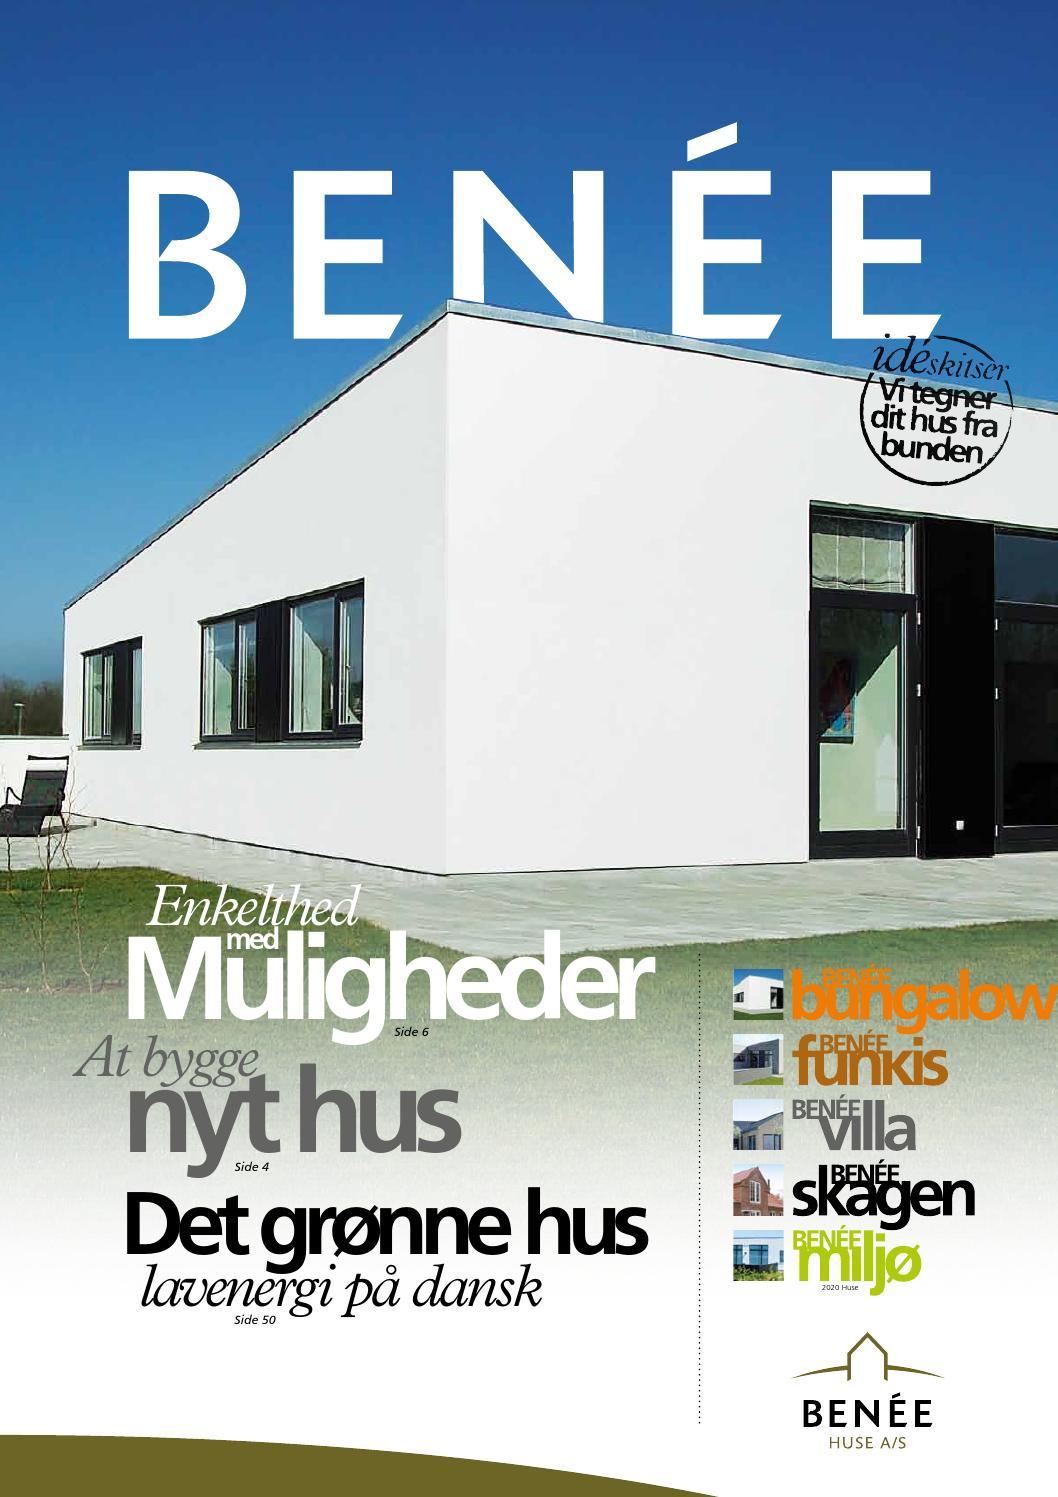 Benee katalog by benee huse   issuu